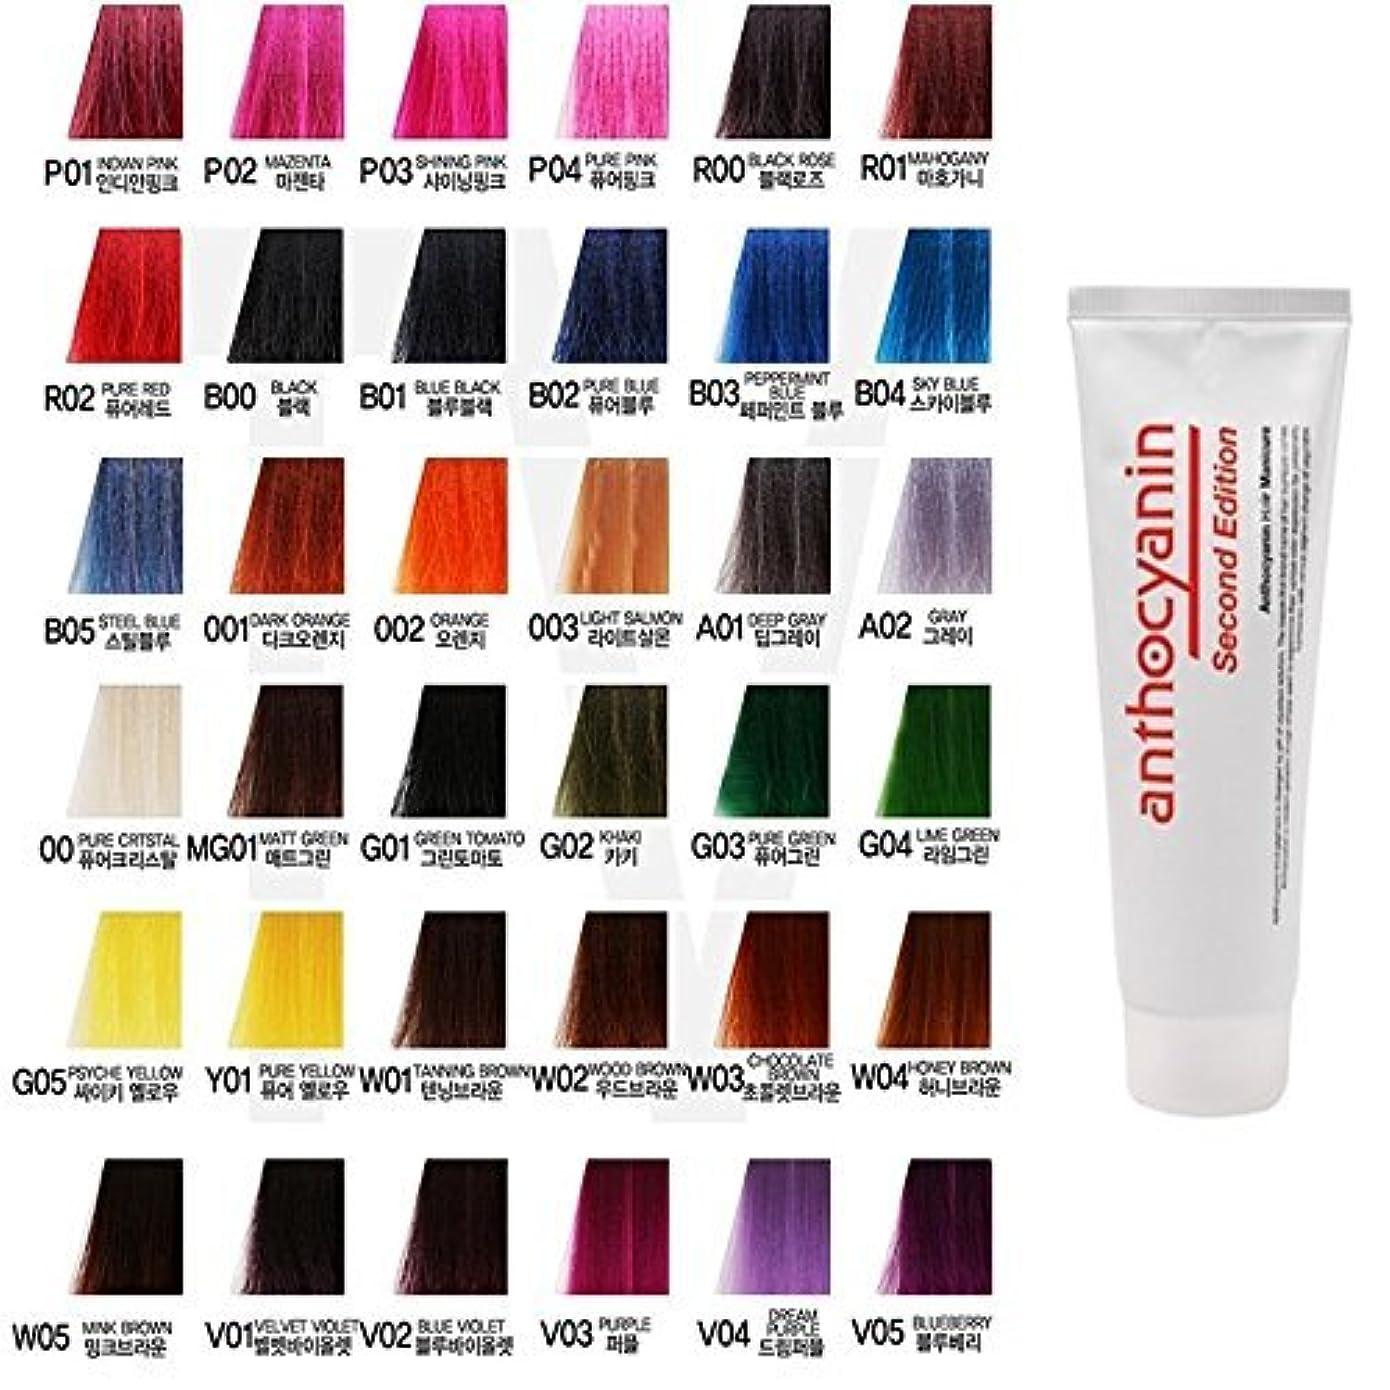 緩むペンスあえぎヘア マニキュア カラー セカンド エディション 230g セミ パーマネント 染毛剤 ( Hair Manicure Color Second Edition 230g Semi Permanent Hair Dye) [並行輸入品] (O02 Orange)